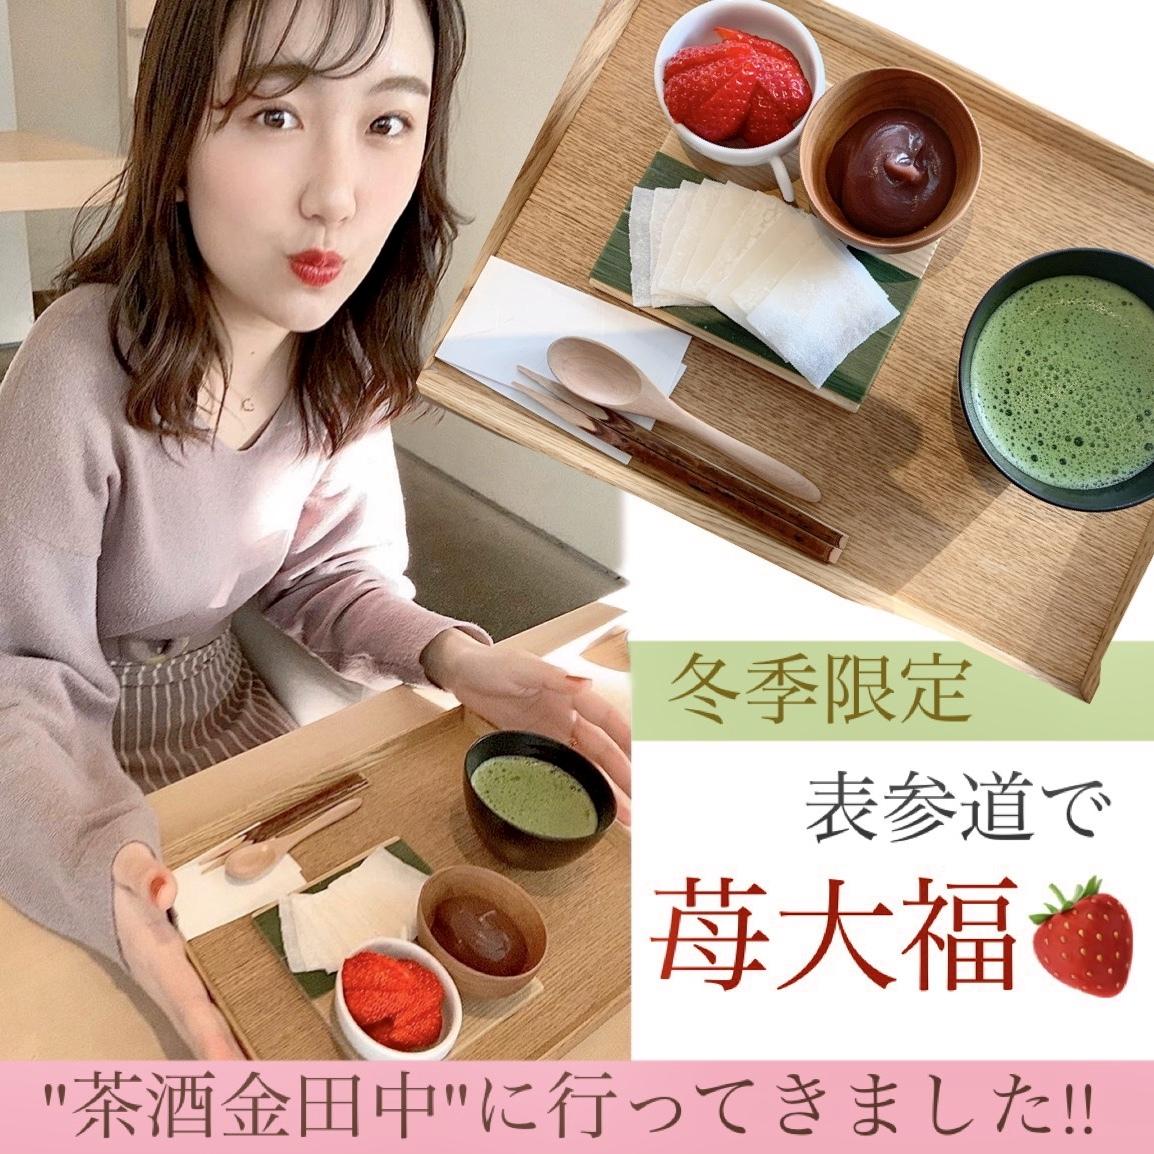 【表参道】冬季限定!苺大福を作れるカフェ!?_1_1